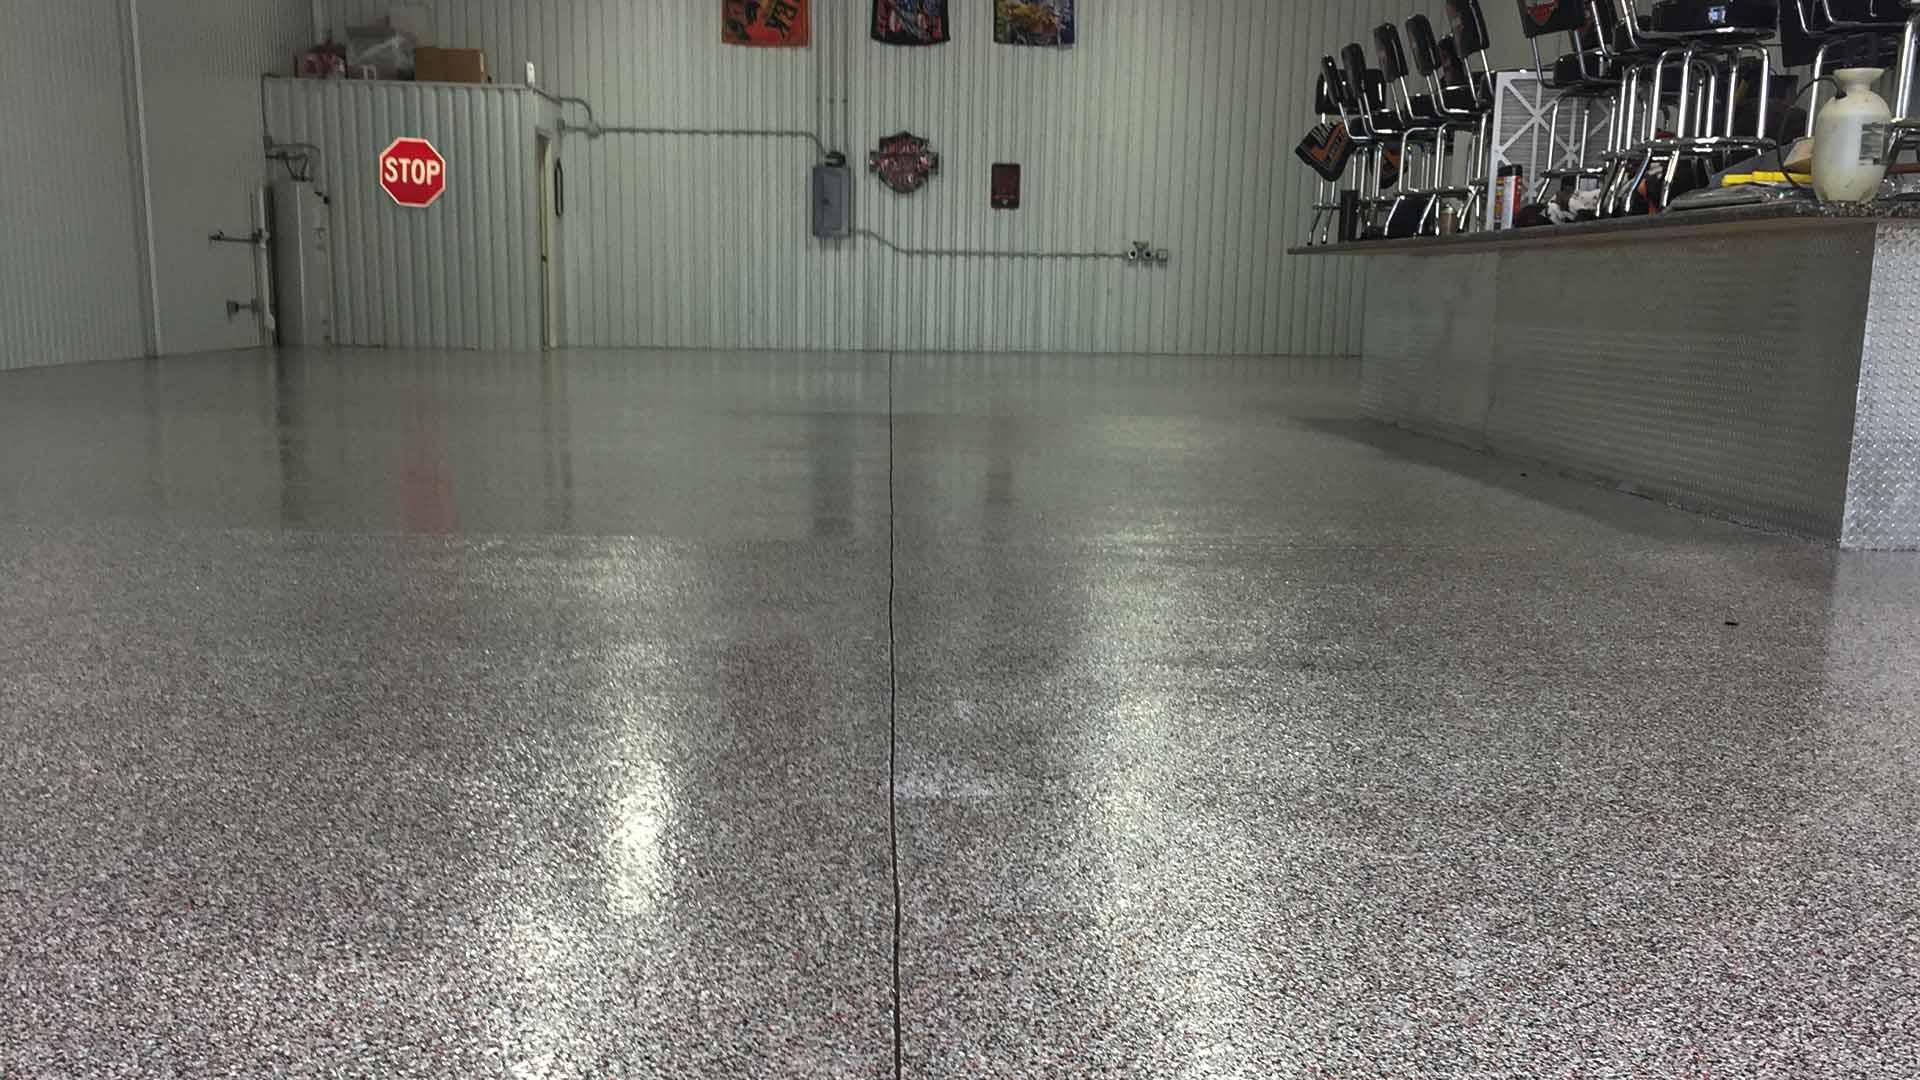 Flake1920x1080_caligrey_warehouse